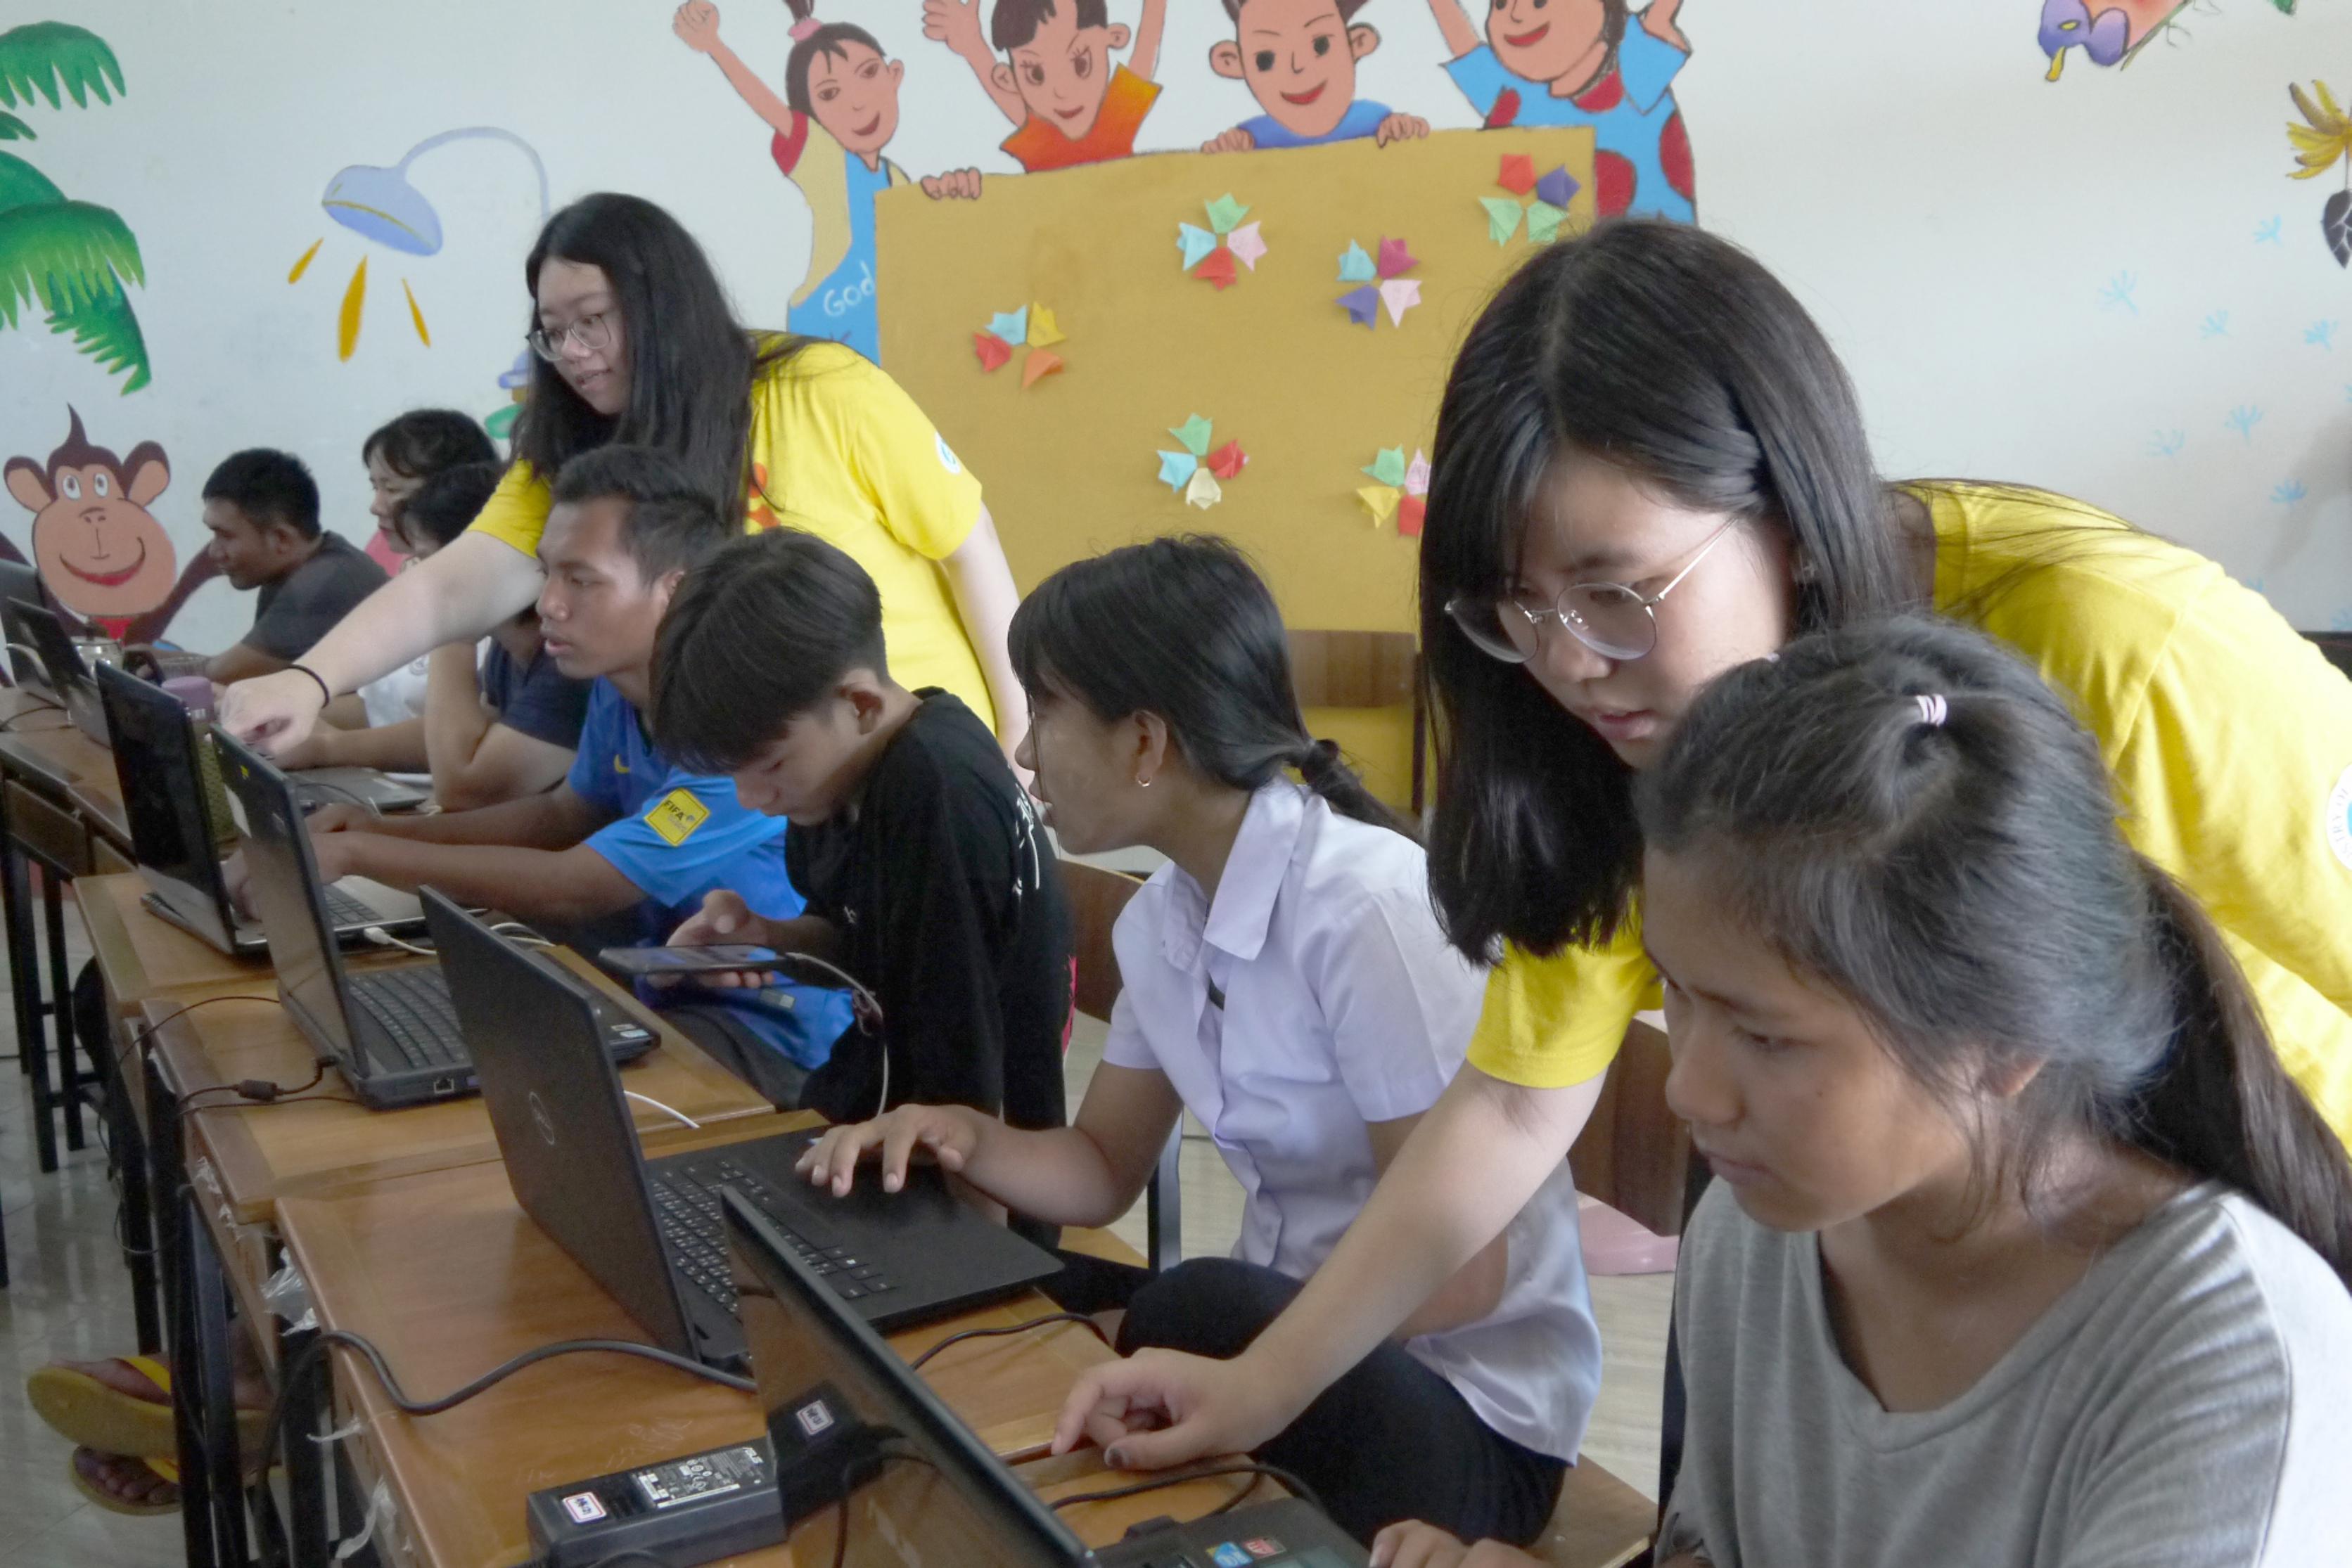 (圖三)宋彩綾與游蕋蔆細心教導當地學員如何操作電腦